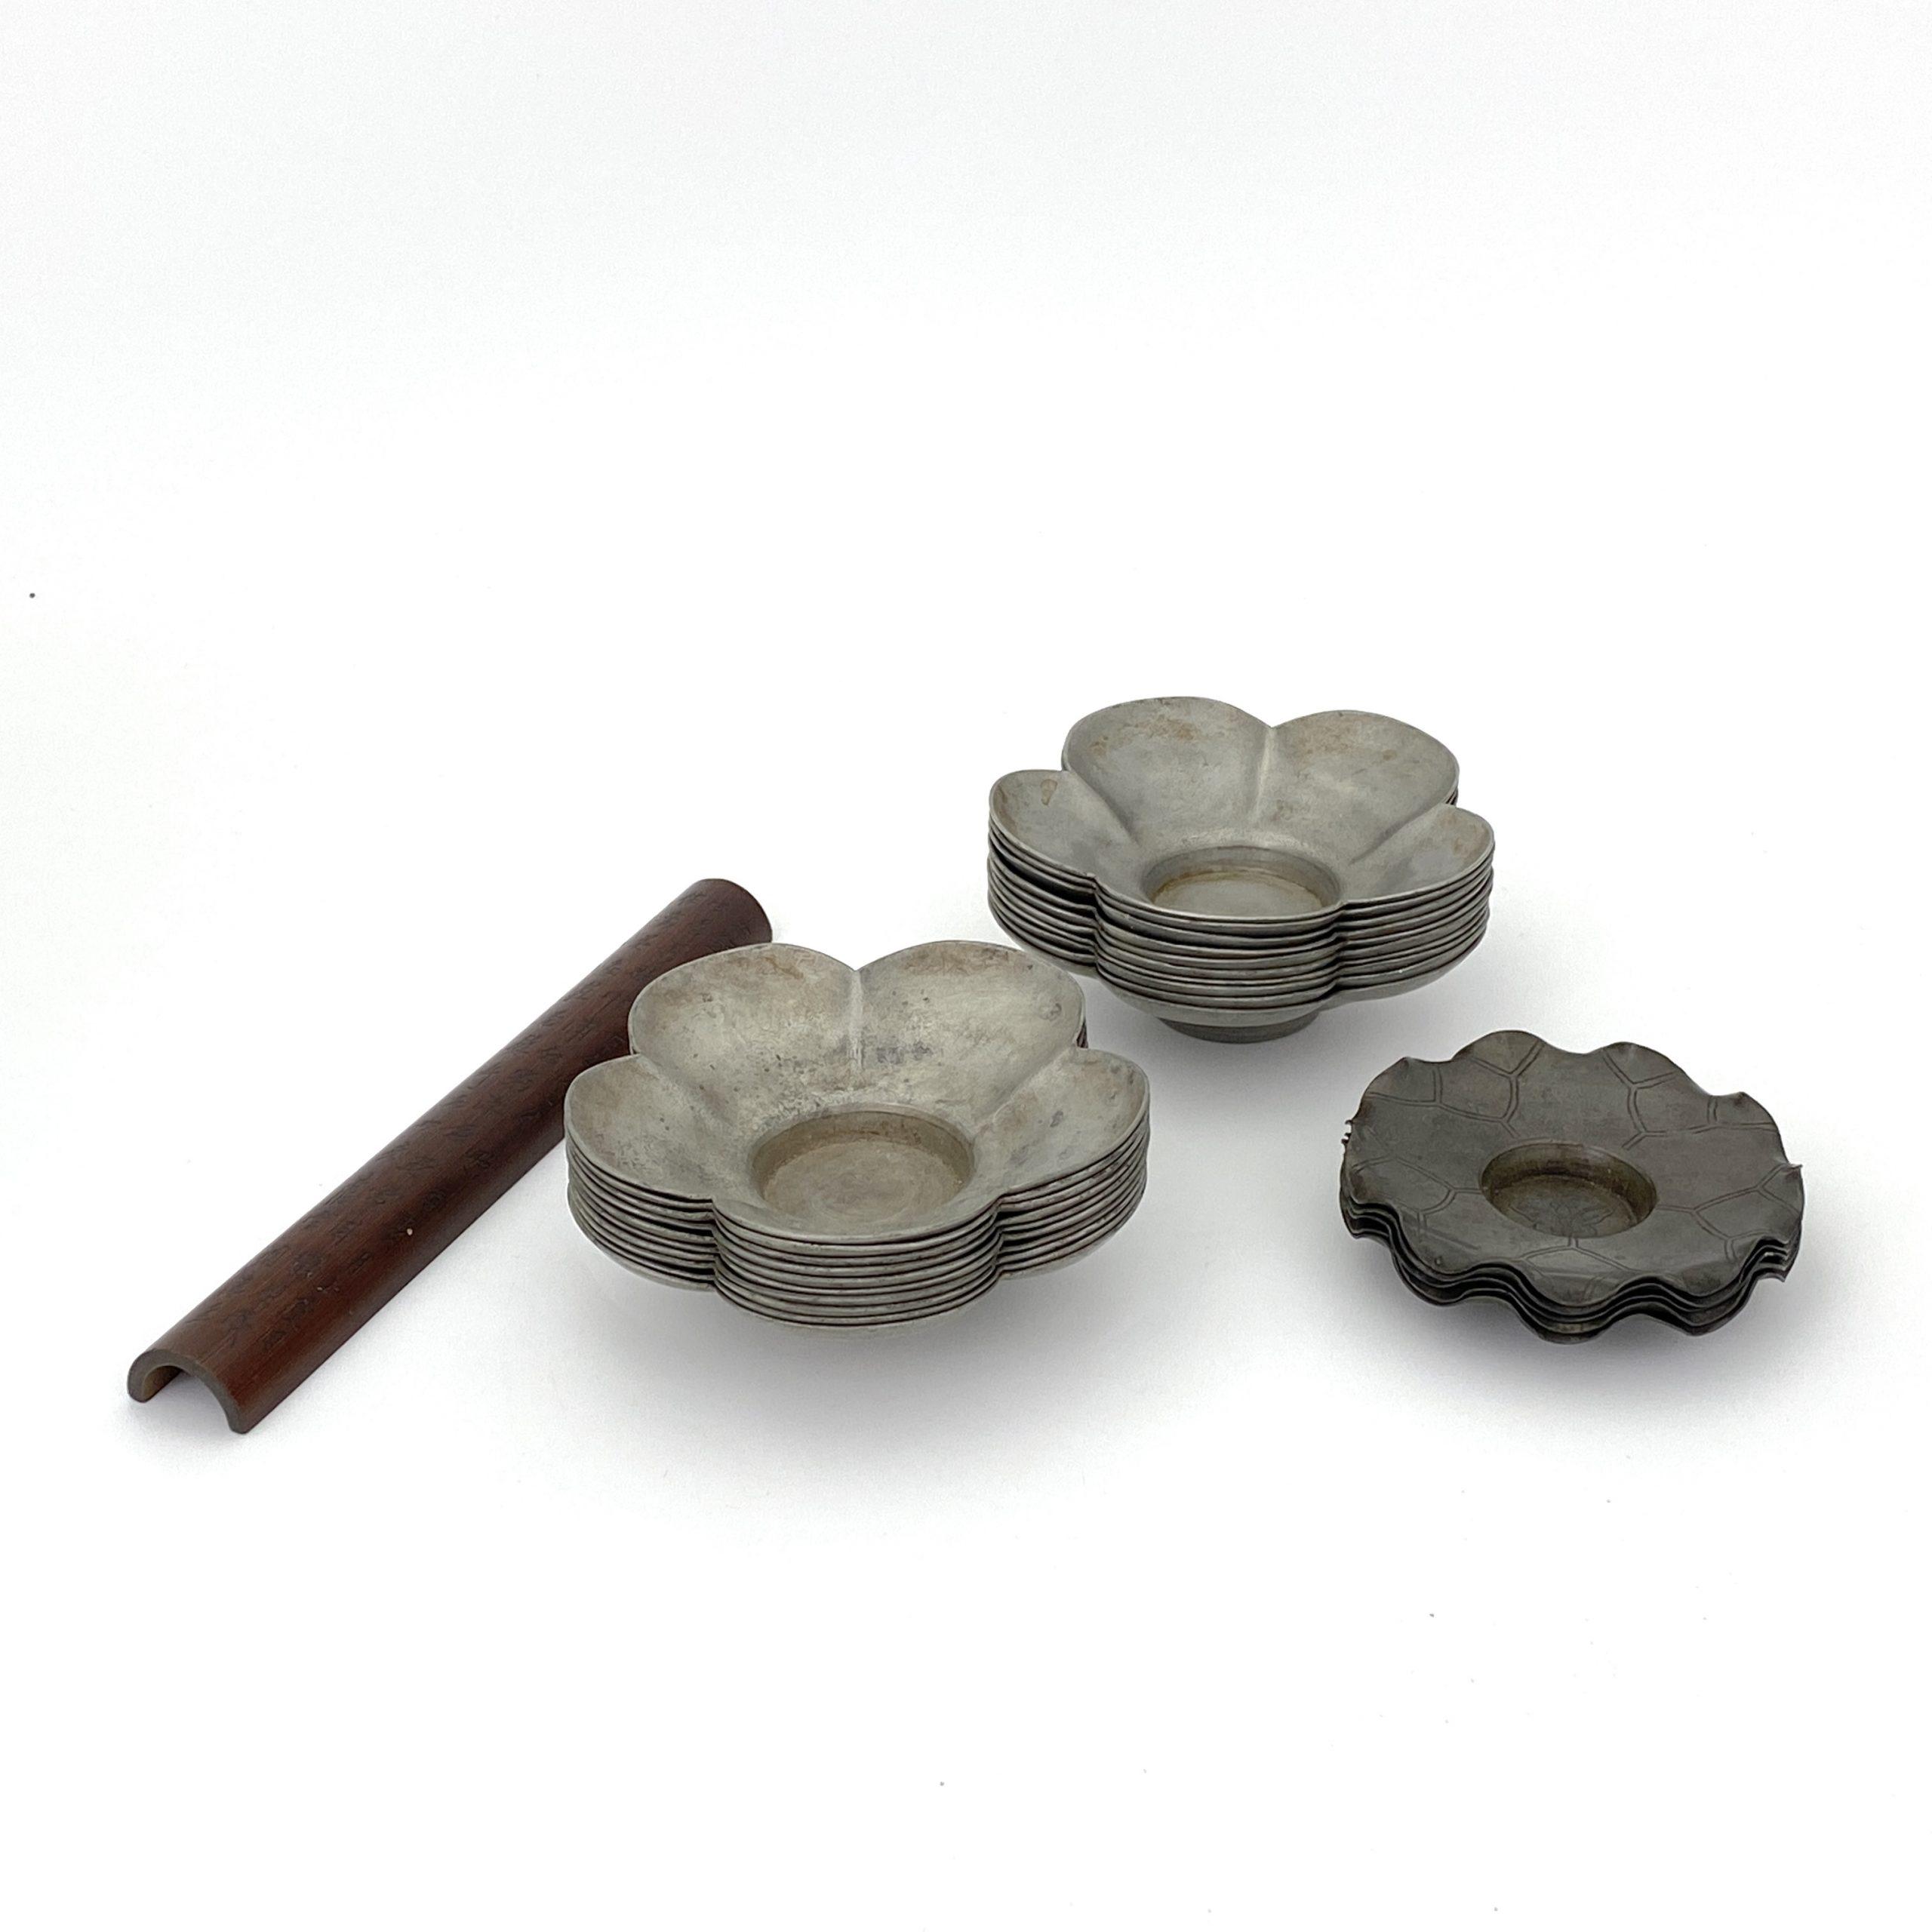 20064「石生刻」款 竹雕 詩文紋 茶量等 計3種